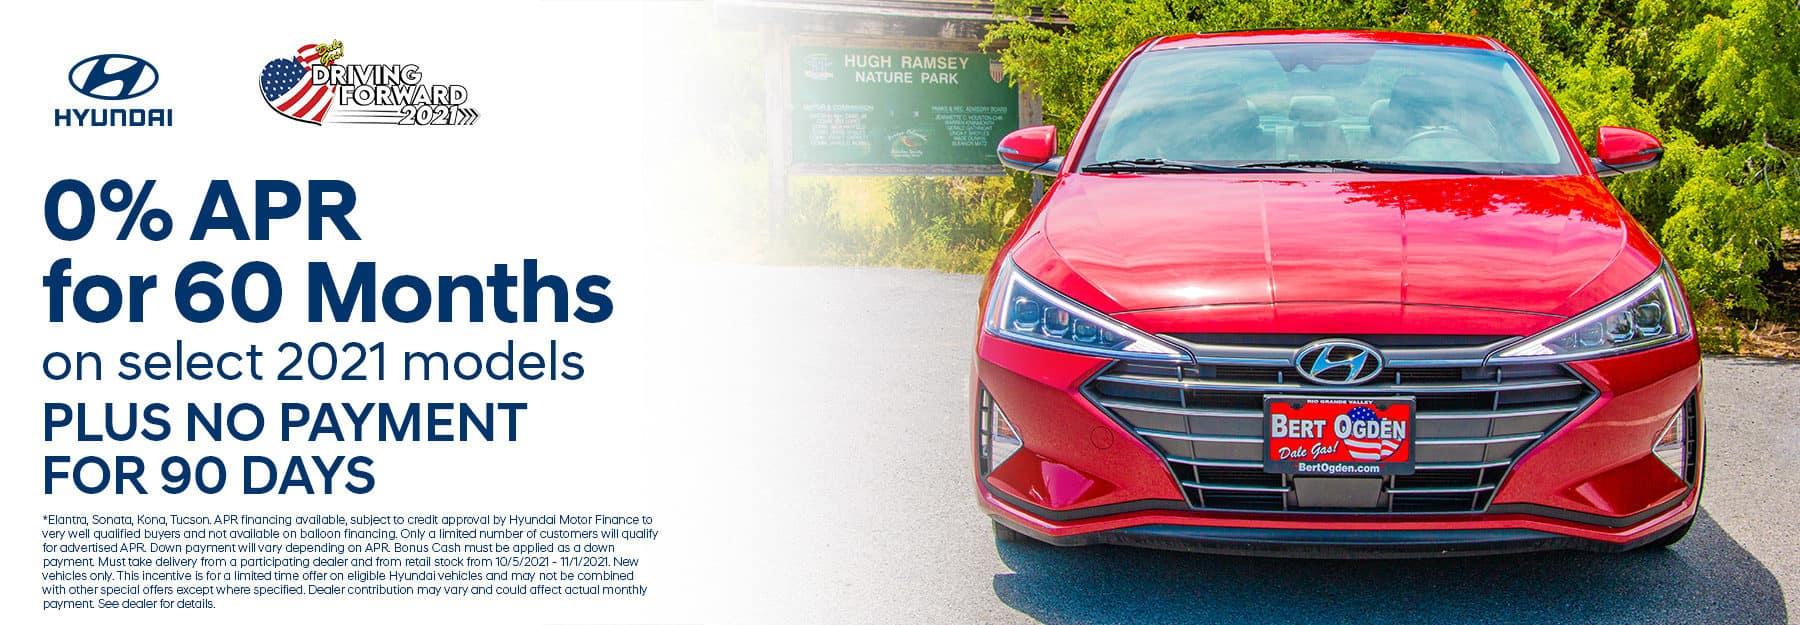 October Offer | Bert Ogden Hyundai in Harlingen, Texas